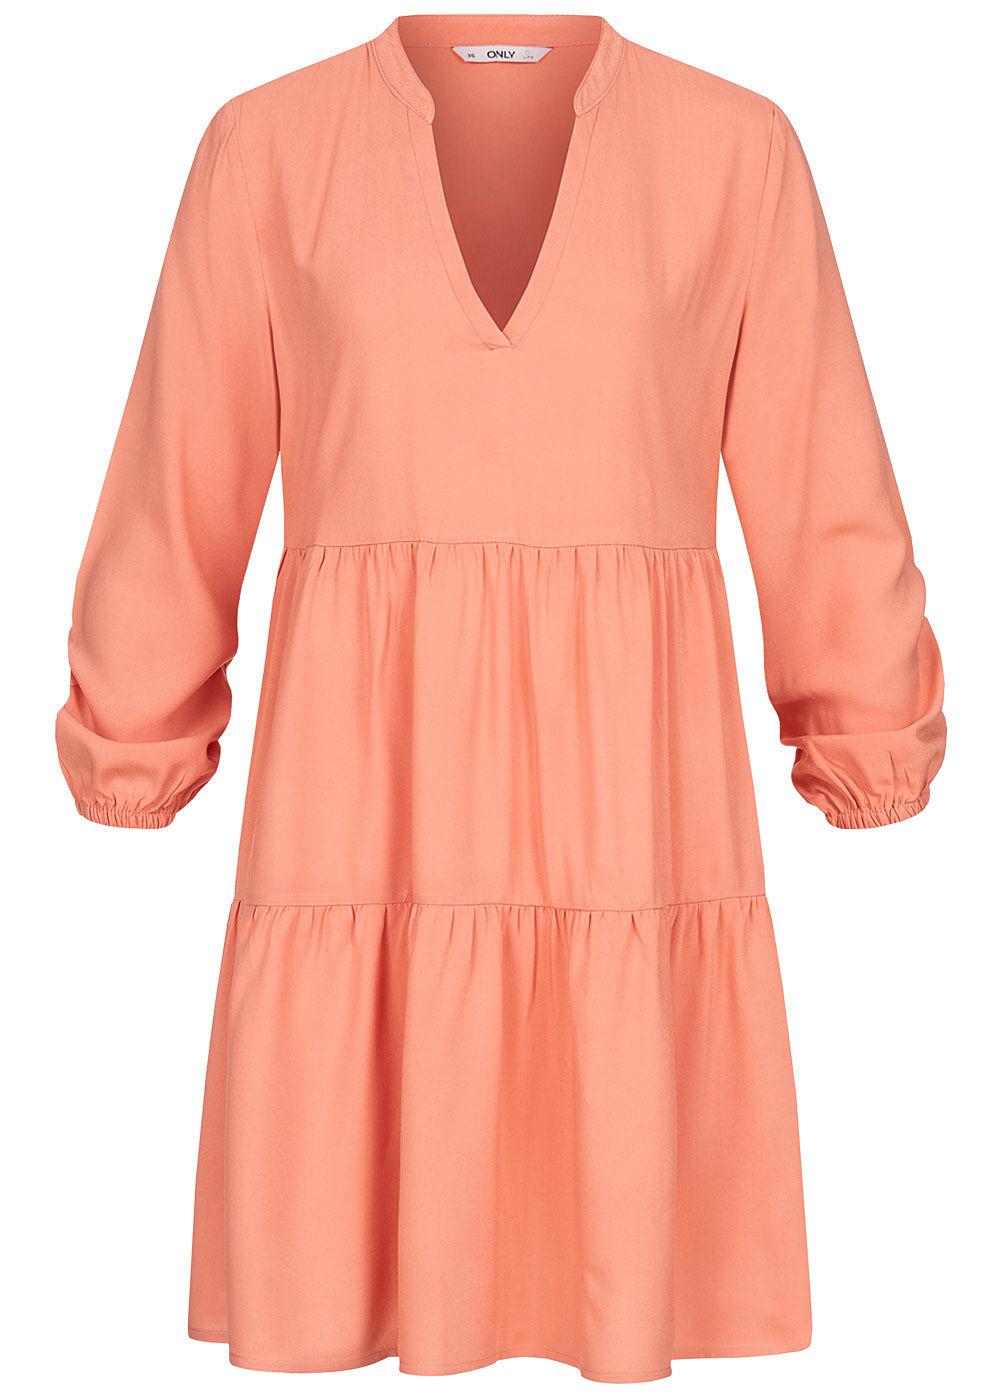 ONLY Damen Solid V-Neck Puffer Kleid terra cotta rose - 16onlineshop